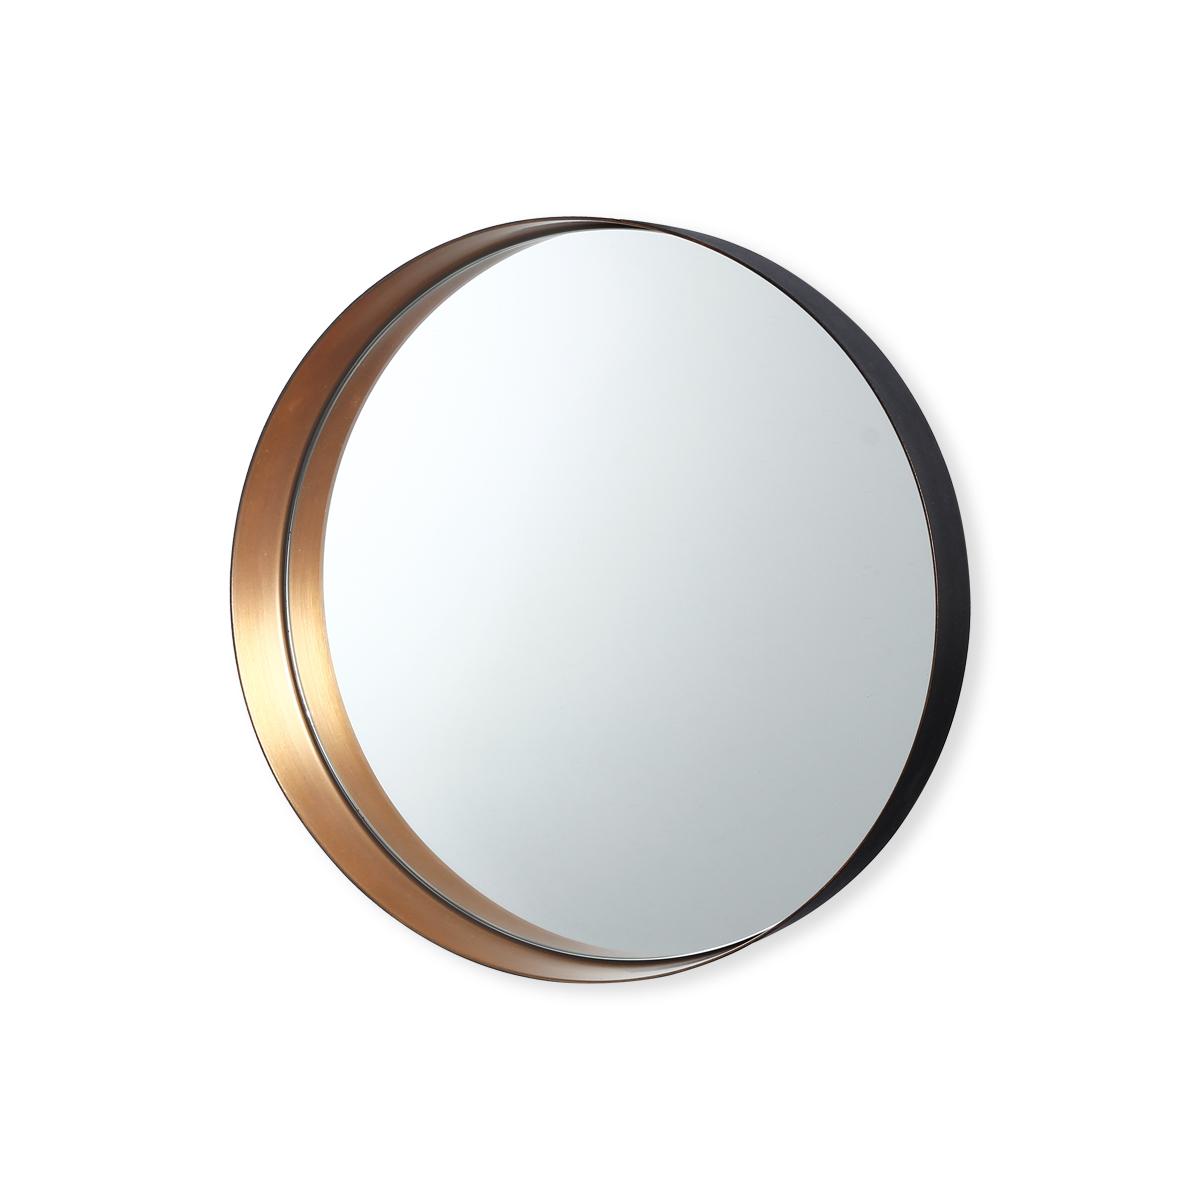 Miroir rond en m tal couleur cuivre bruno evrard for Imprimer en miroir